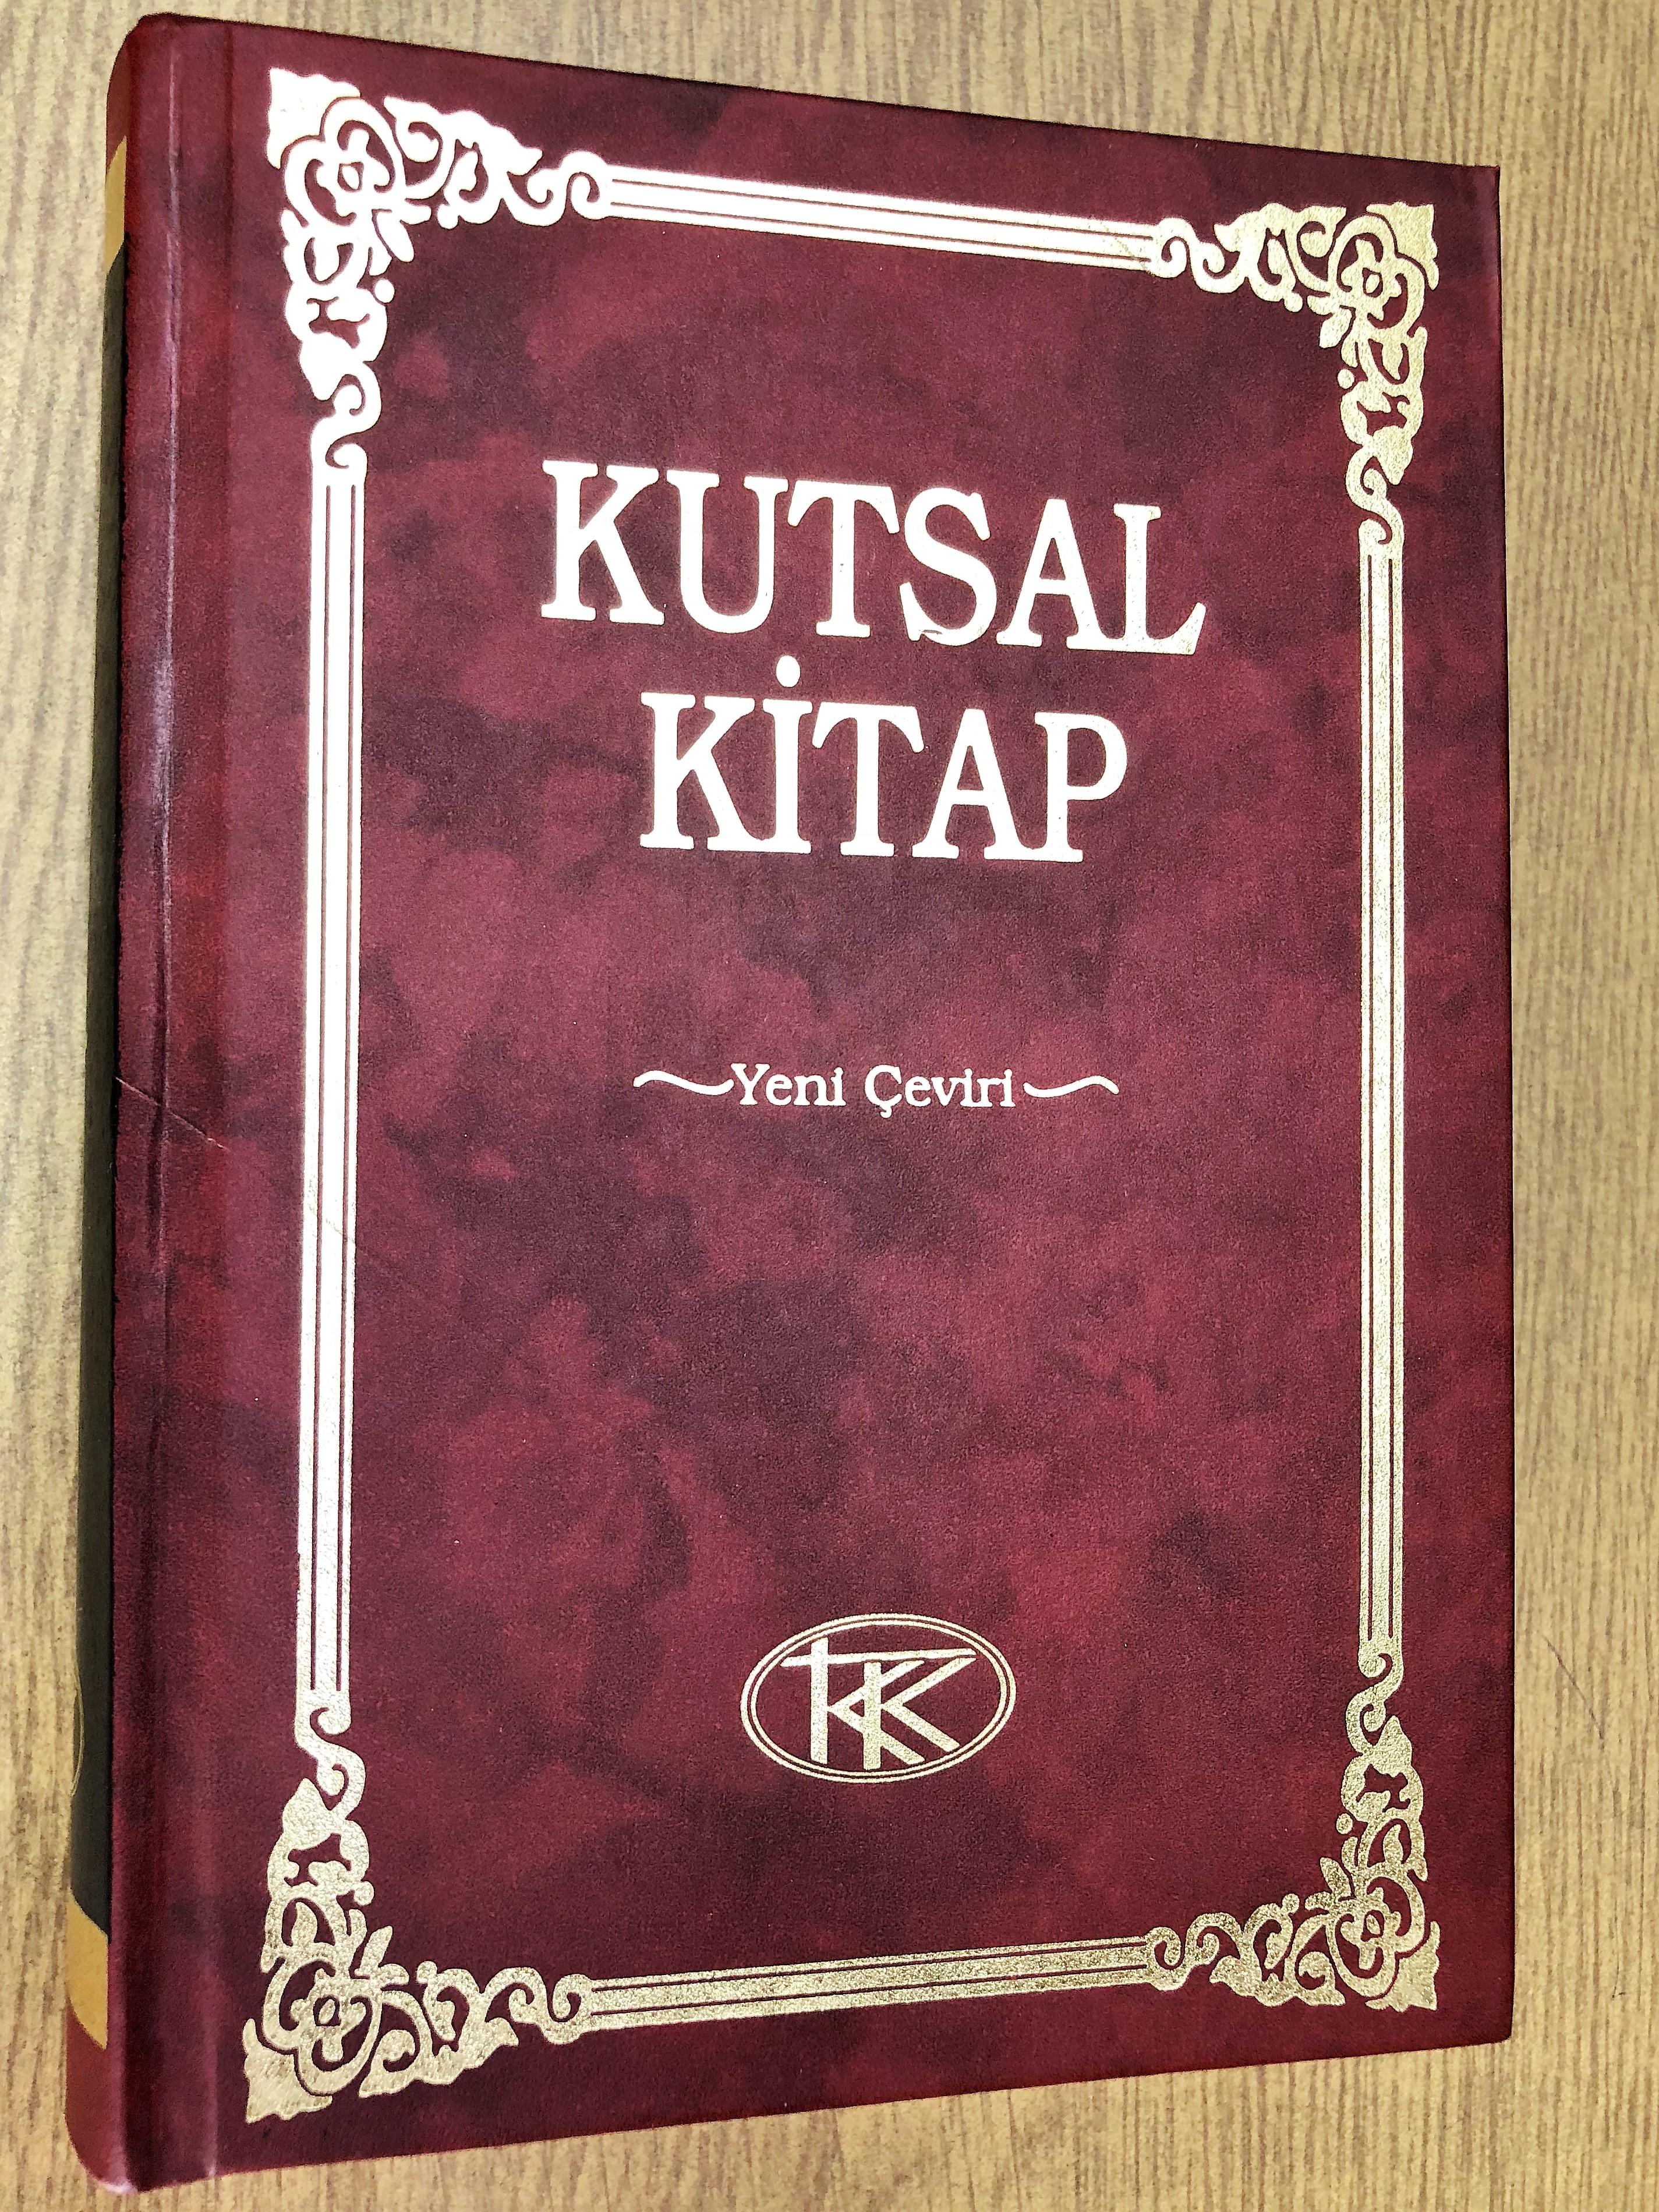 turkish-bible-abs-1-.jpg